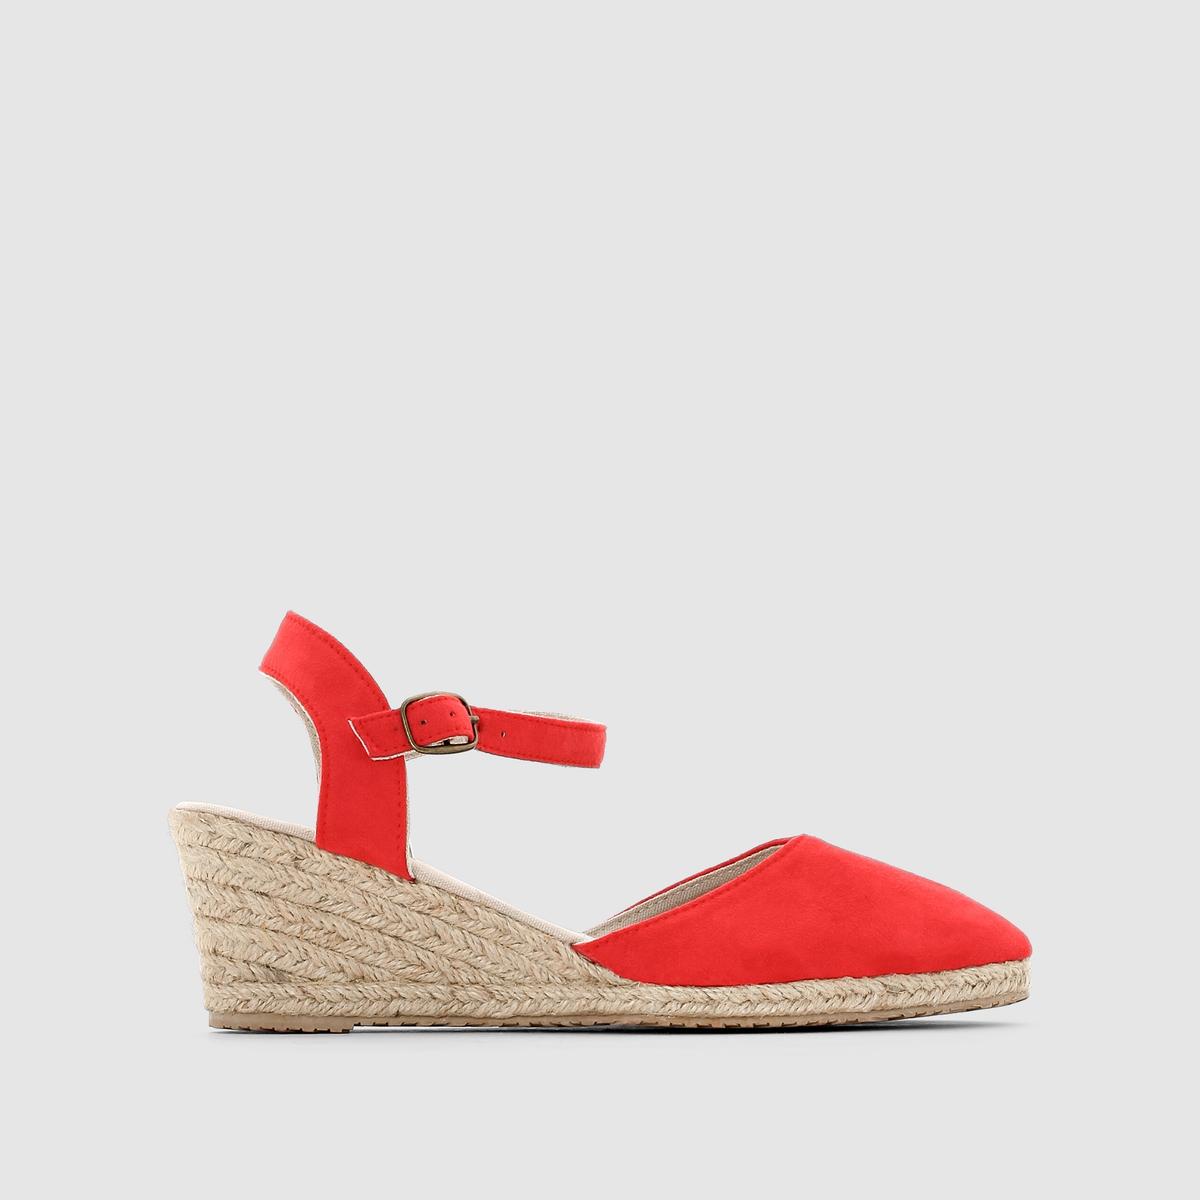 Босоножки на высоком каблуке R ESSENTIELЛетнее настроение и плетеный эффект для яркого образа.<br><br>Цвет: красный<br>Размер: 38